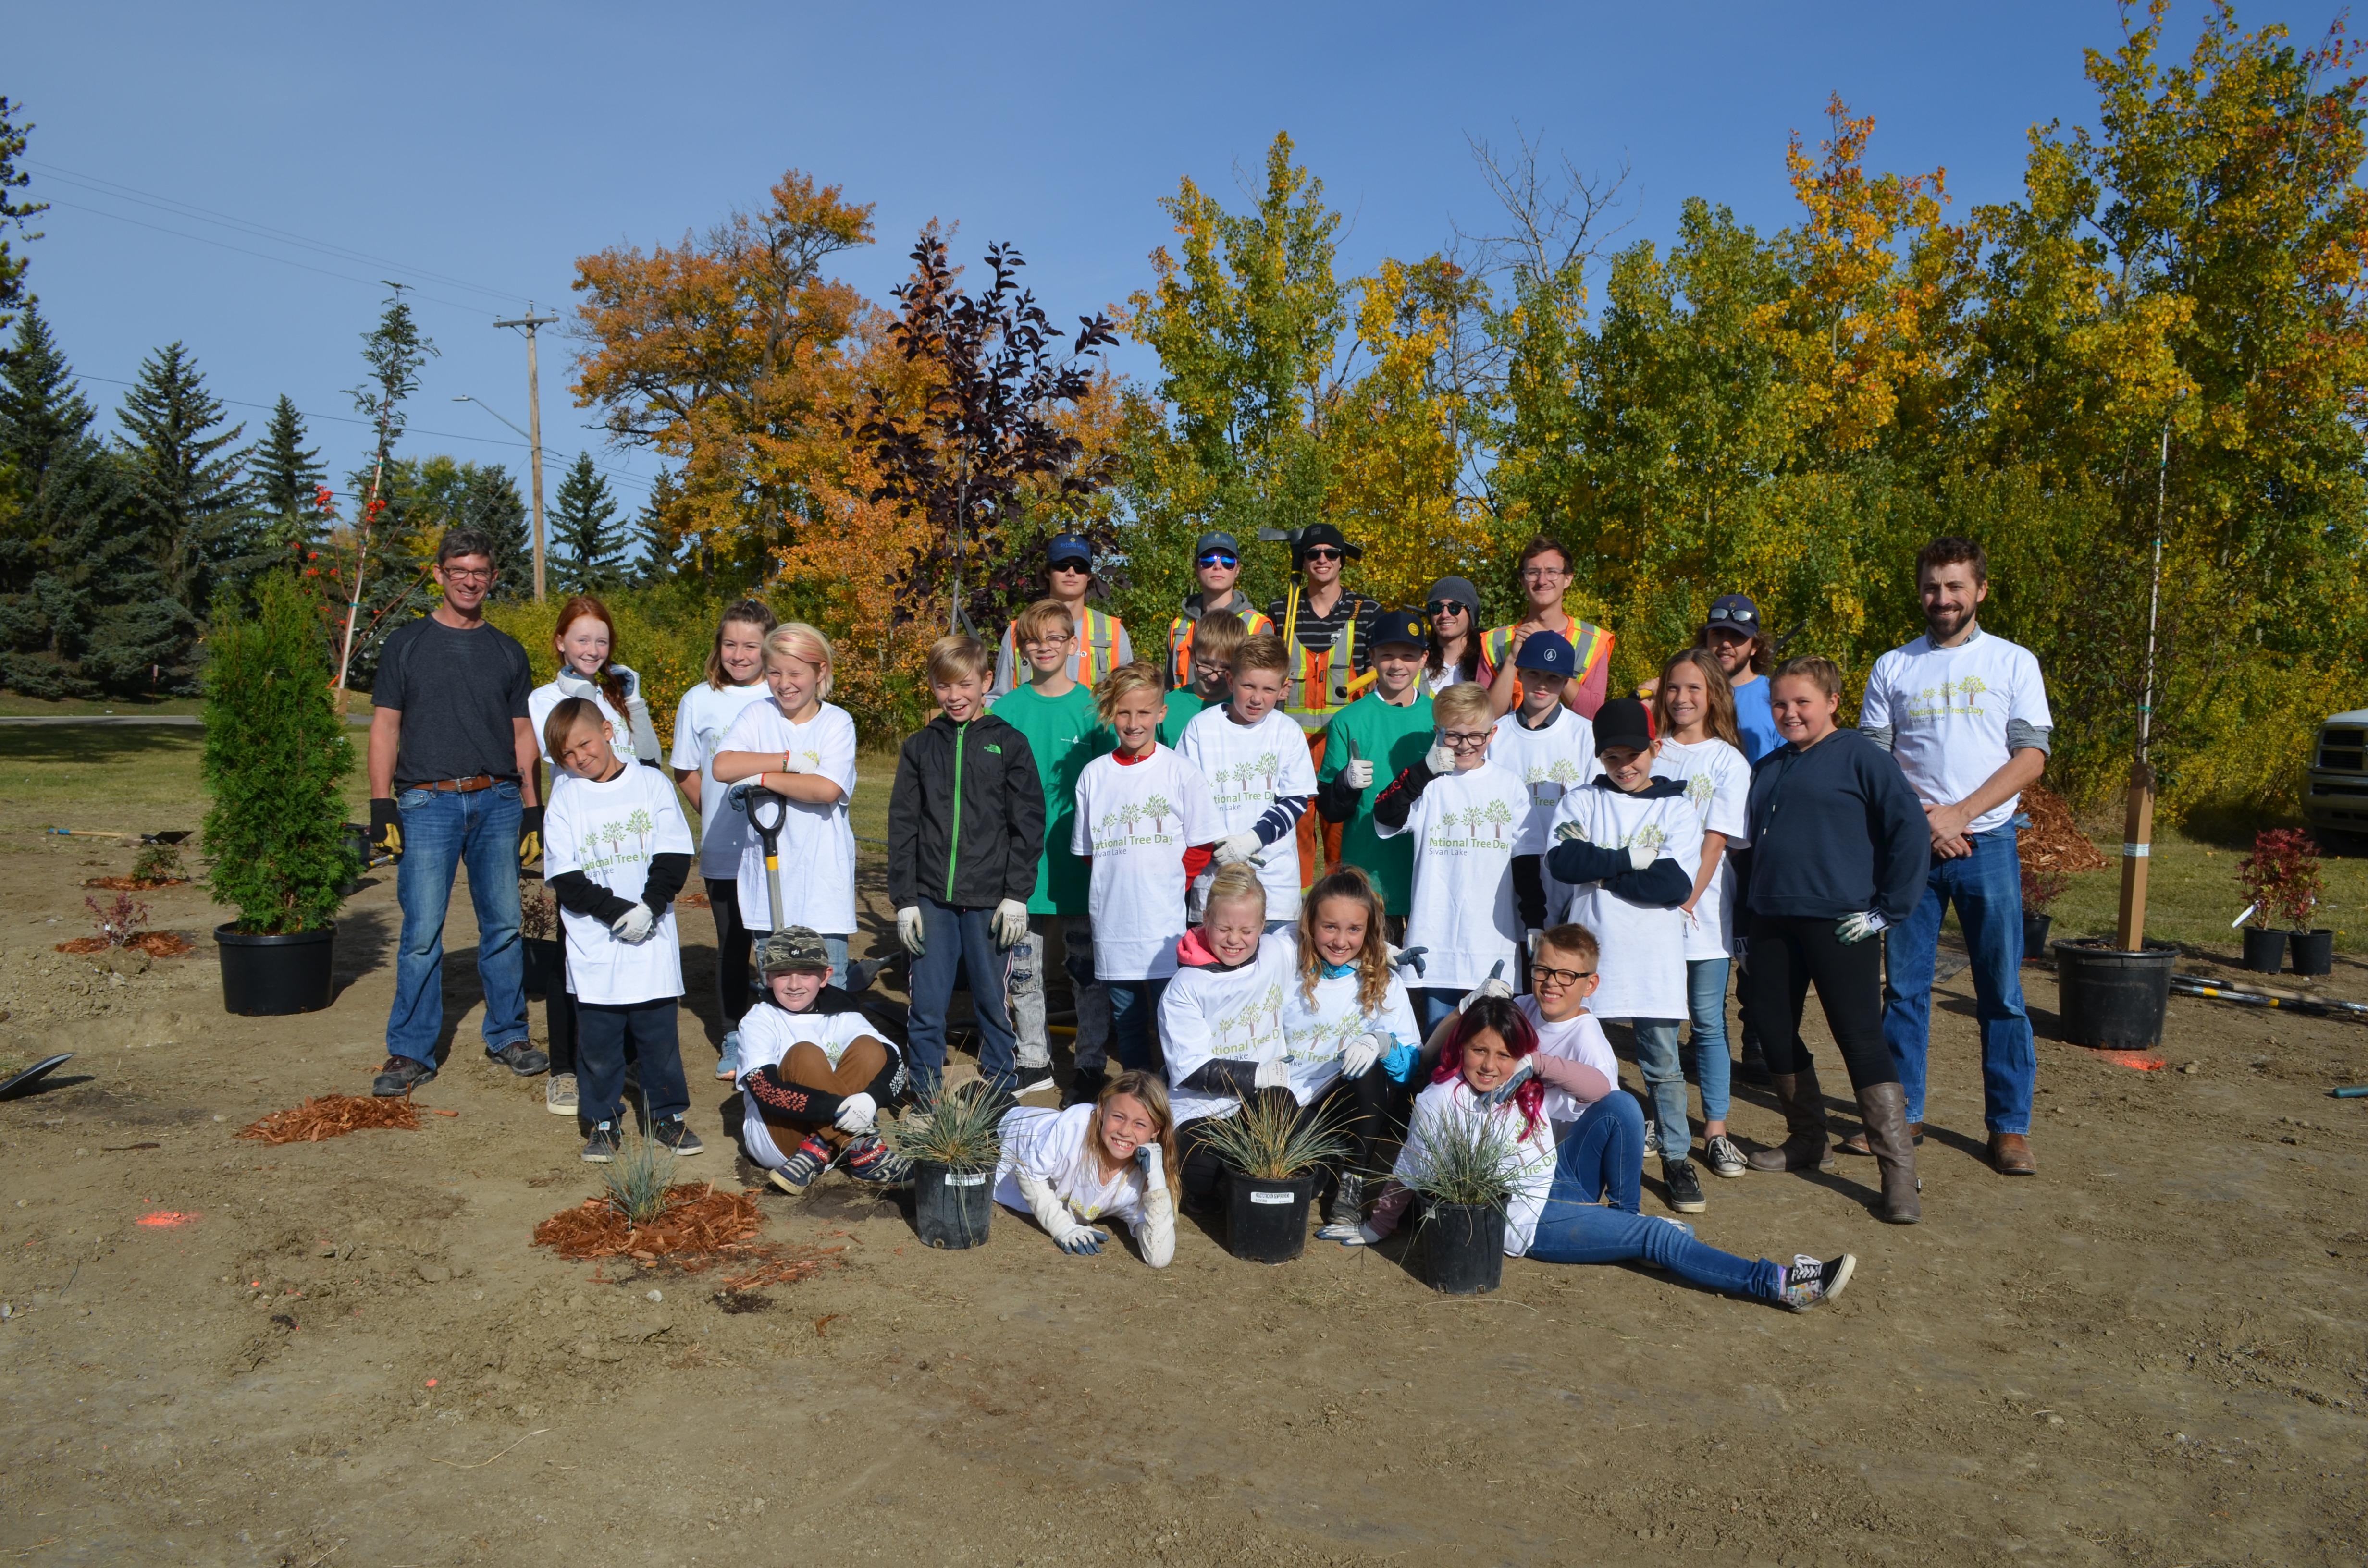 Steffie Woima Students with Parks Staff